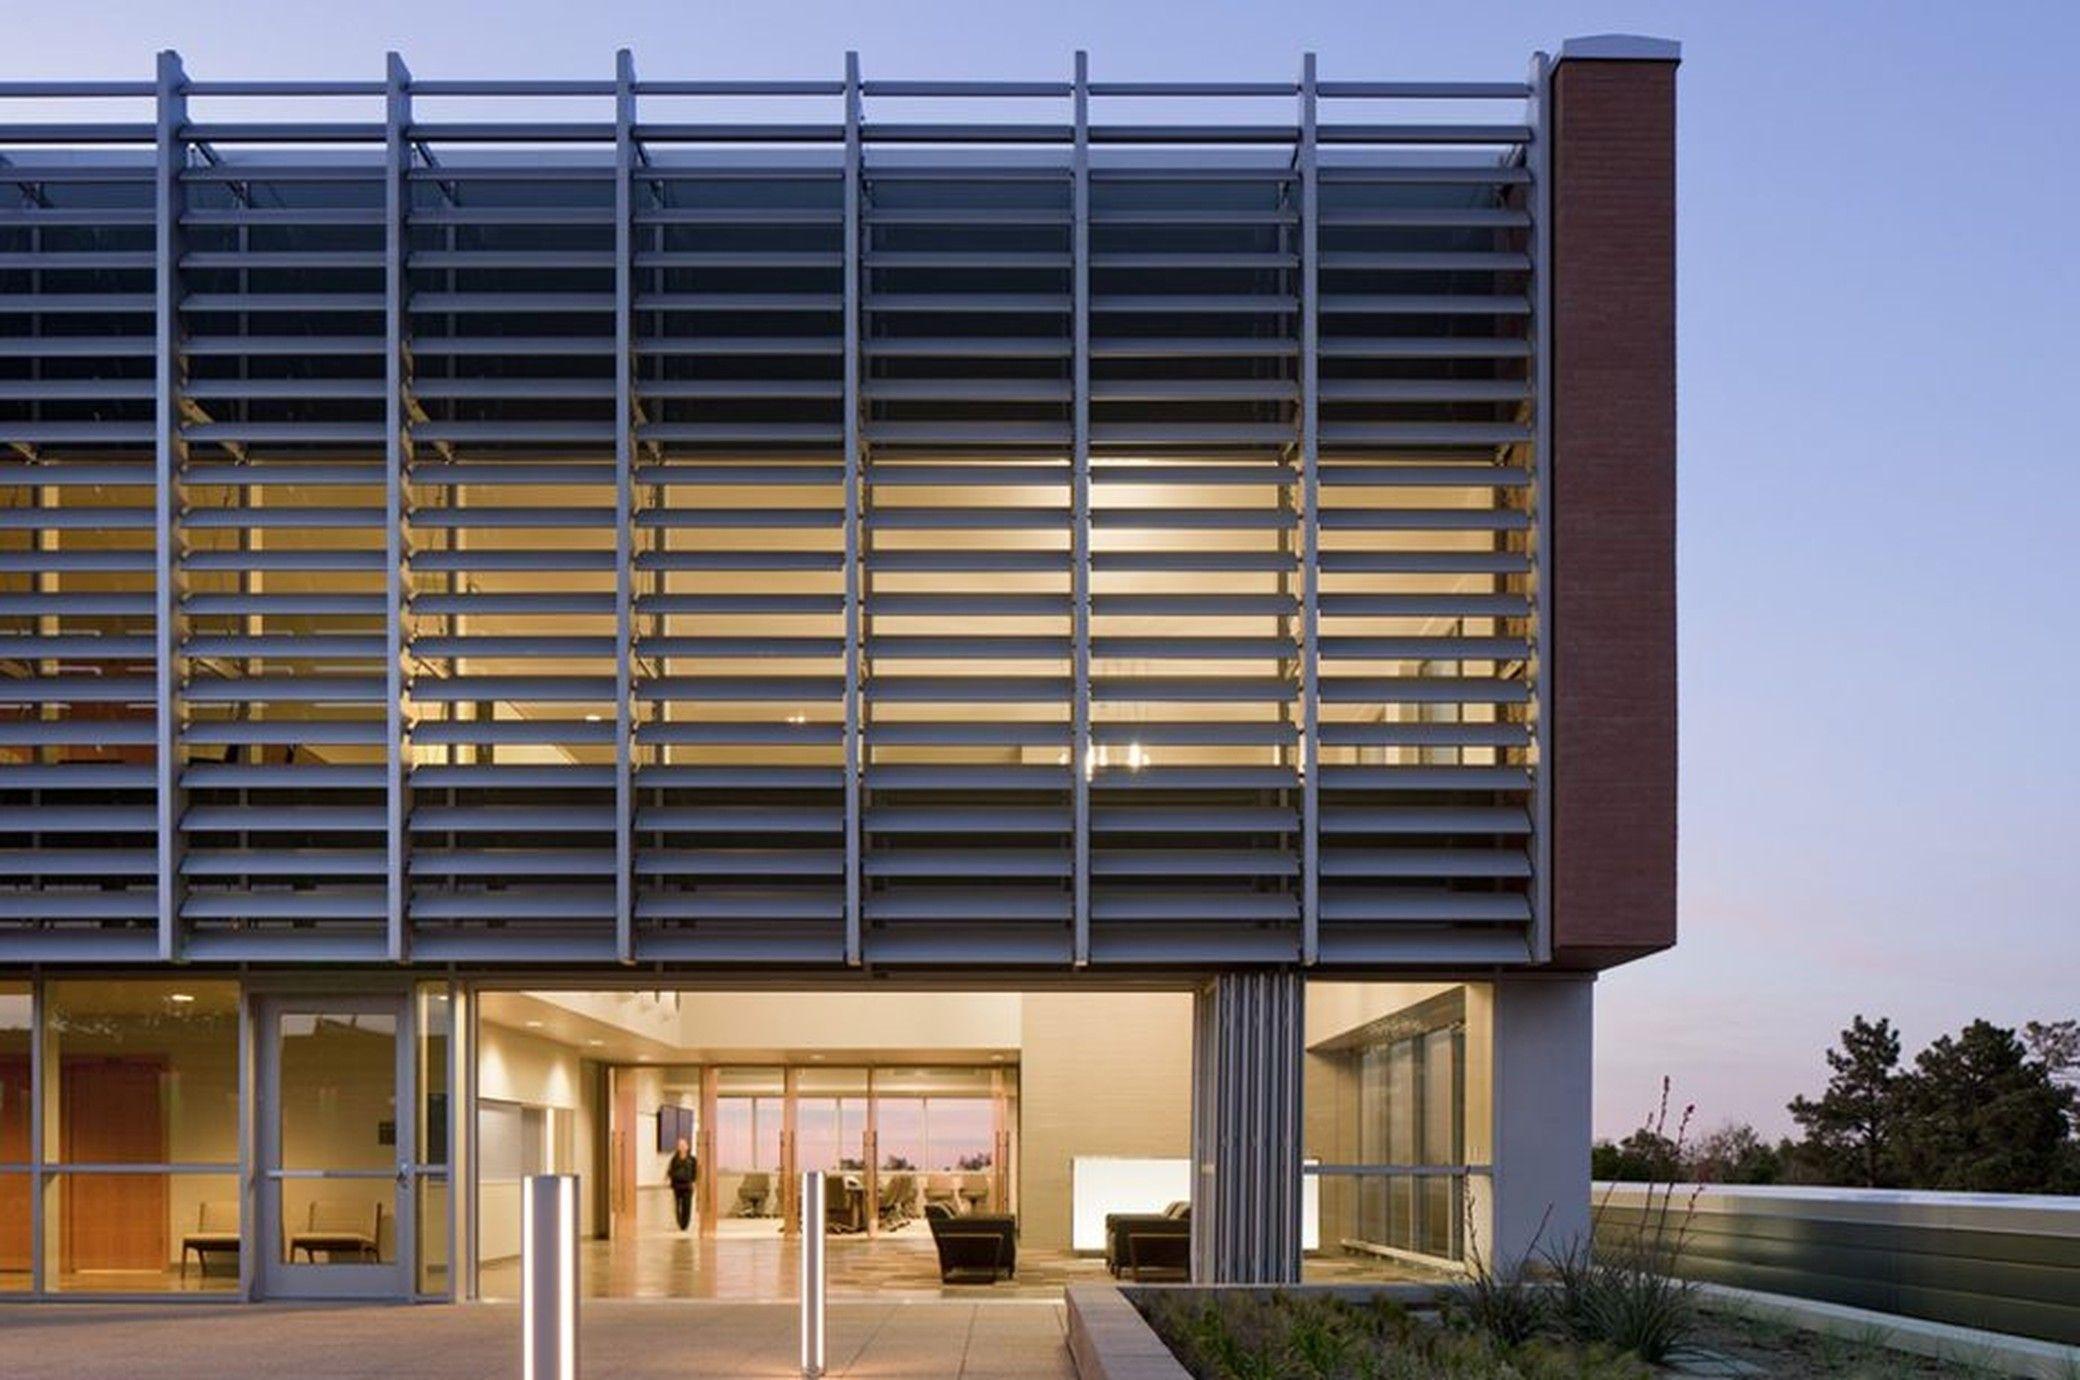 Anschutz Health and Wellness Center, University of